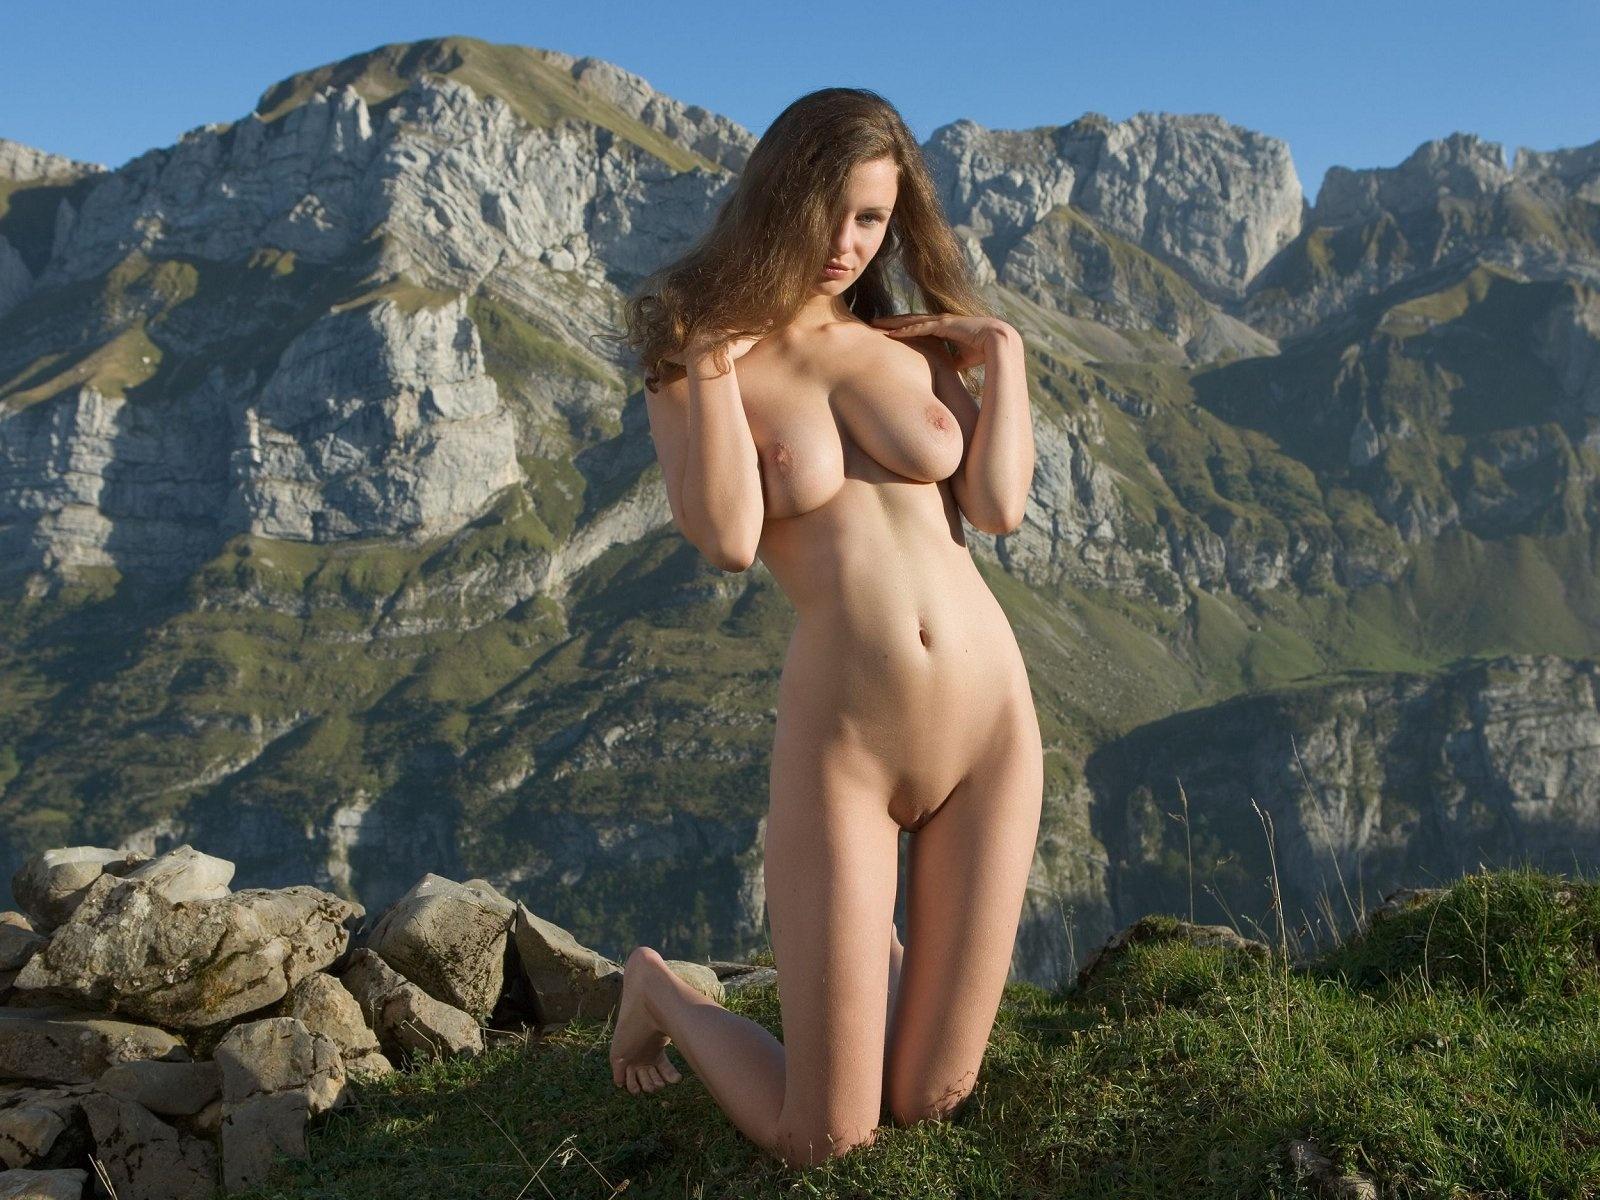 Порнуха на уральских горах 17 фотография